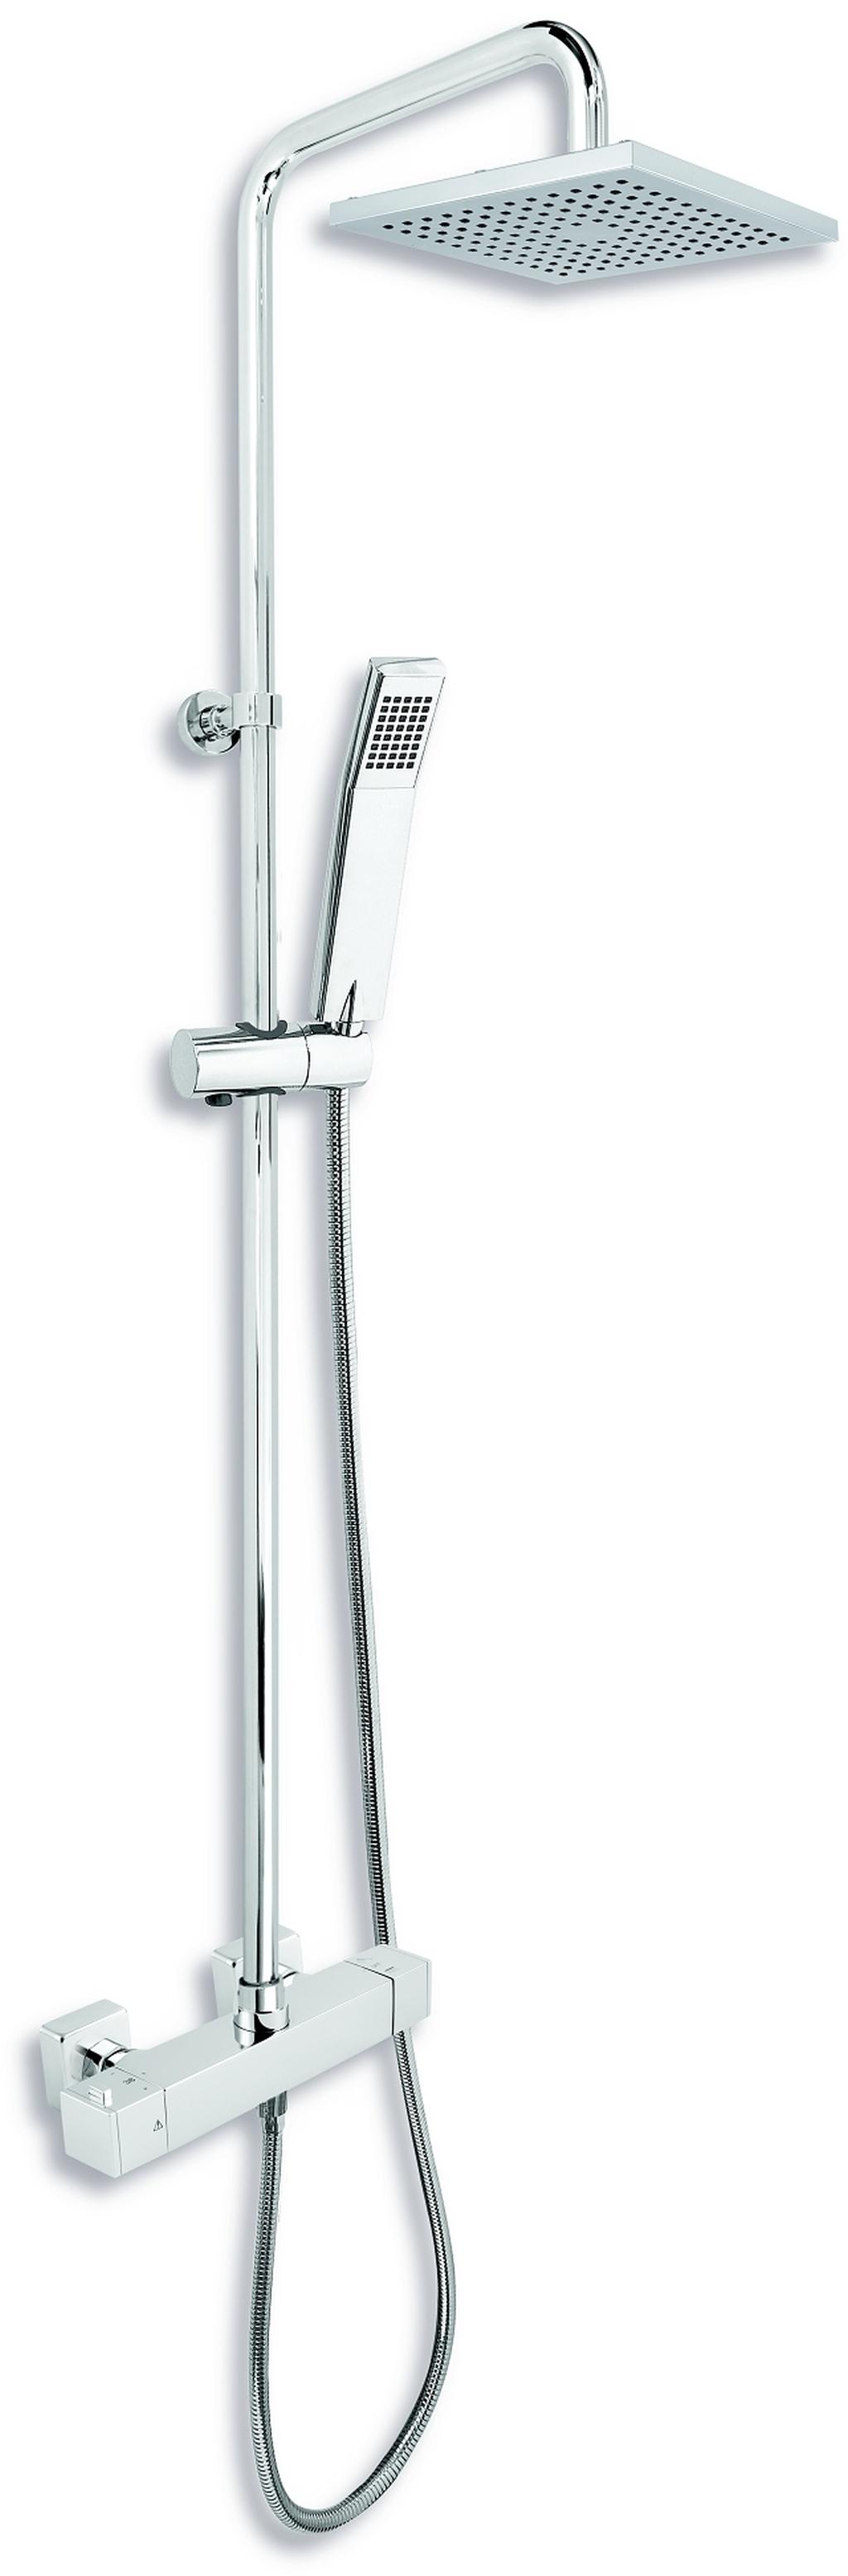 NOVASERVIS Sprchová souprava včetně termostatické baterie SADA2862